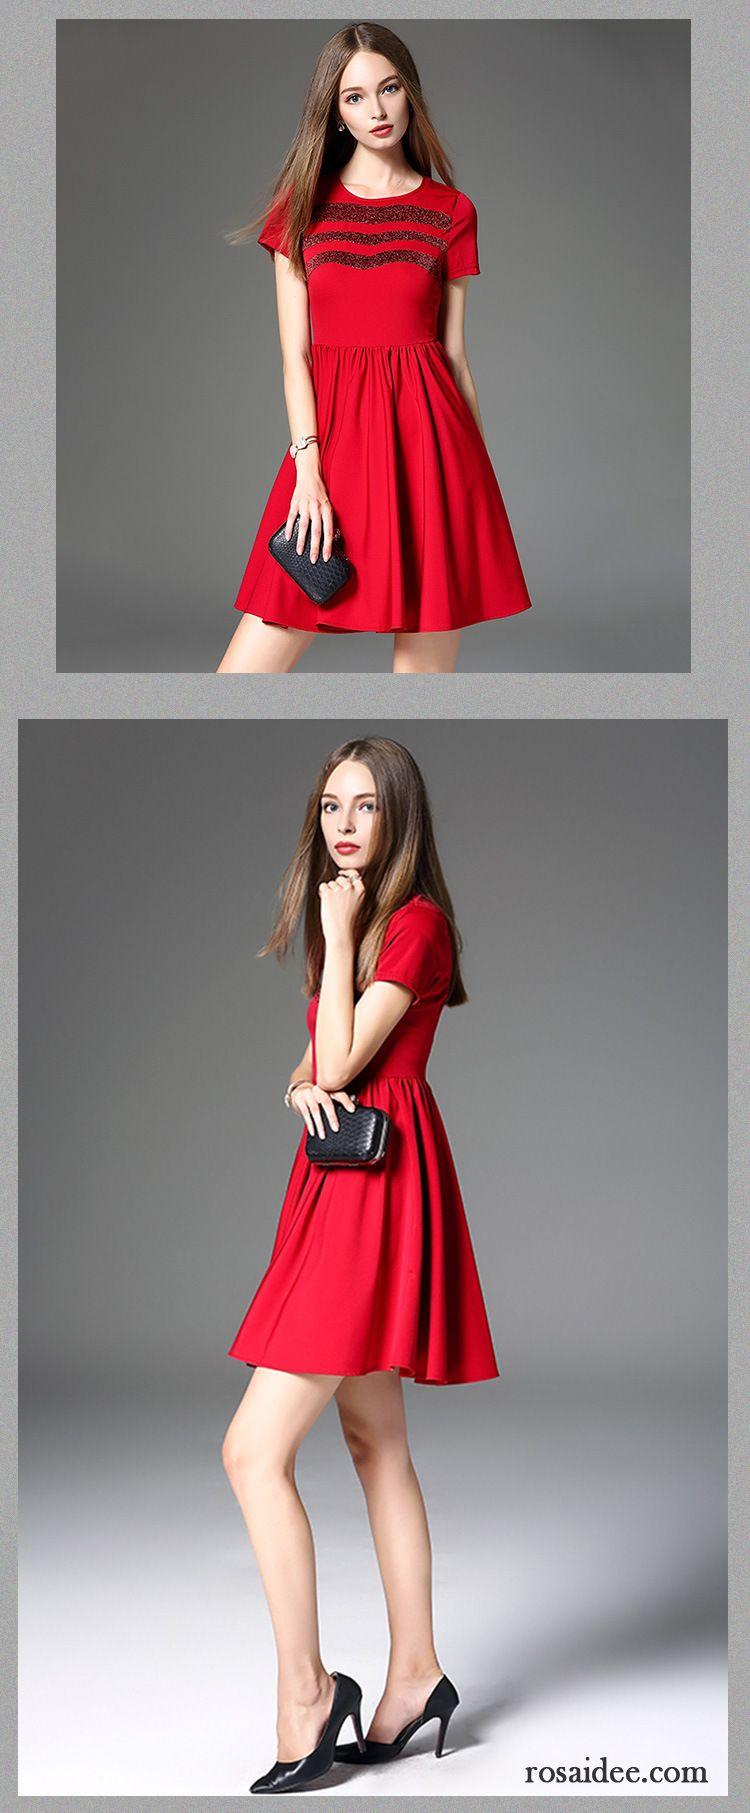 Damen Sommerkleider Lang Marke Herbst Schönheit Neu Rote Kleider ...